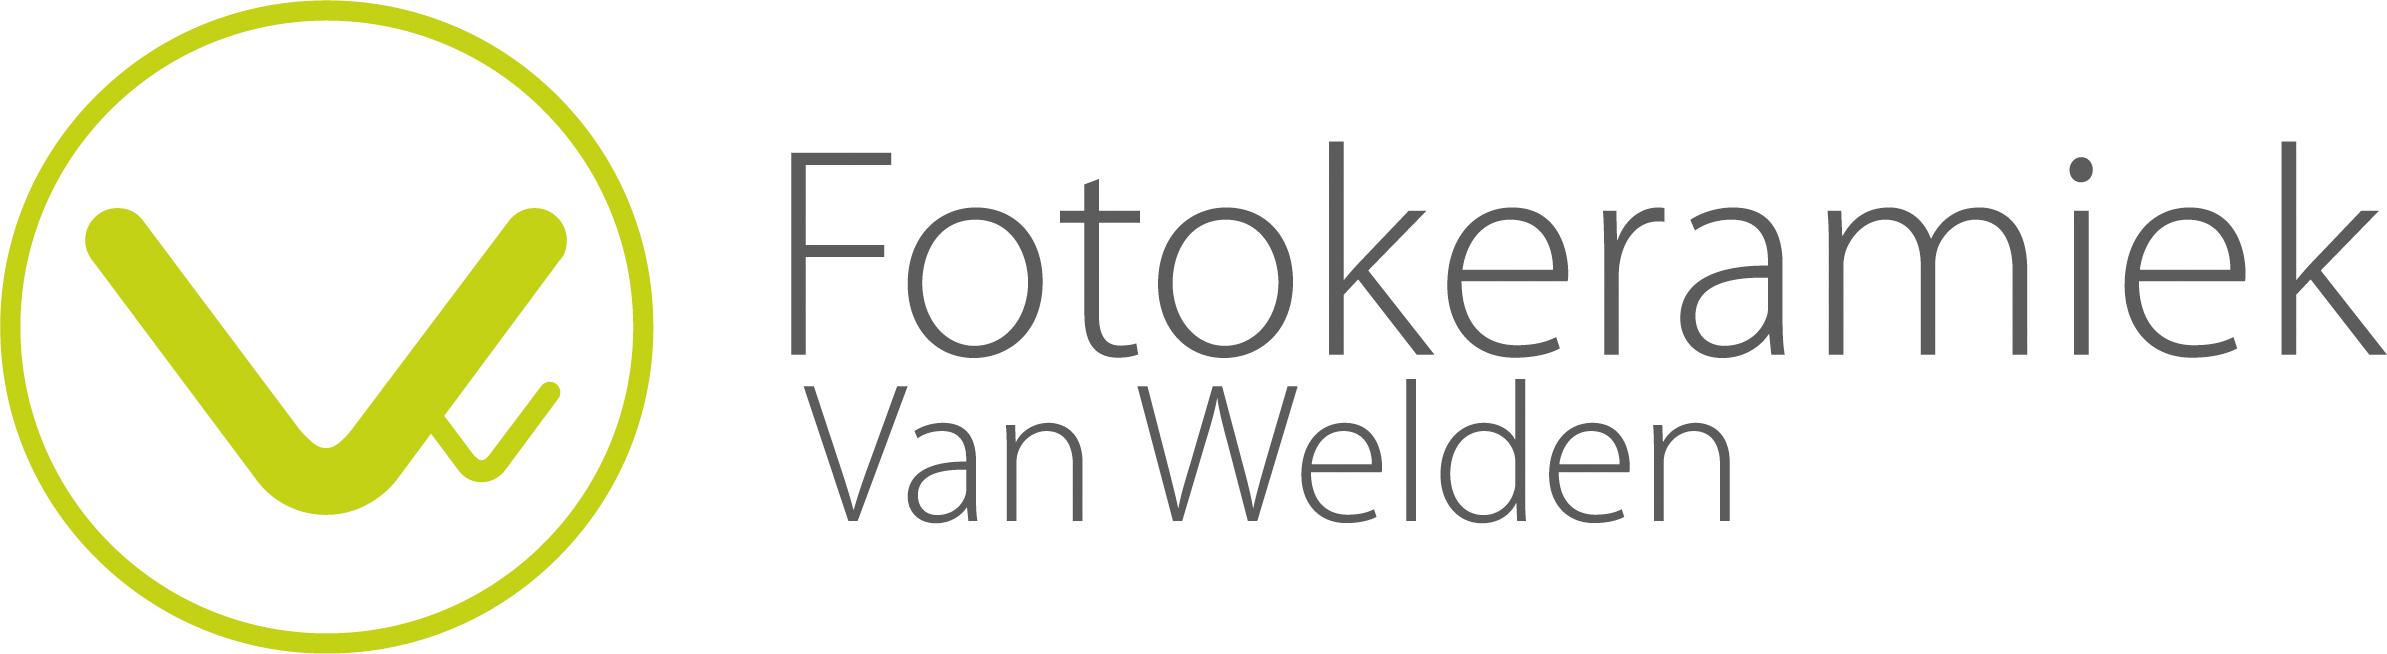 Fotokeramiek Van Welden Bvba